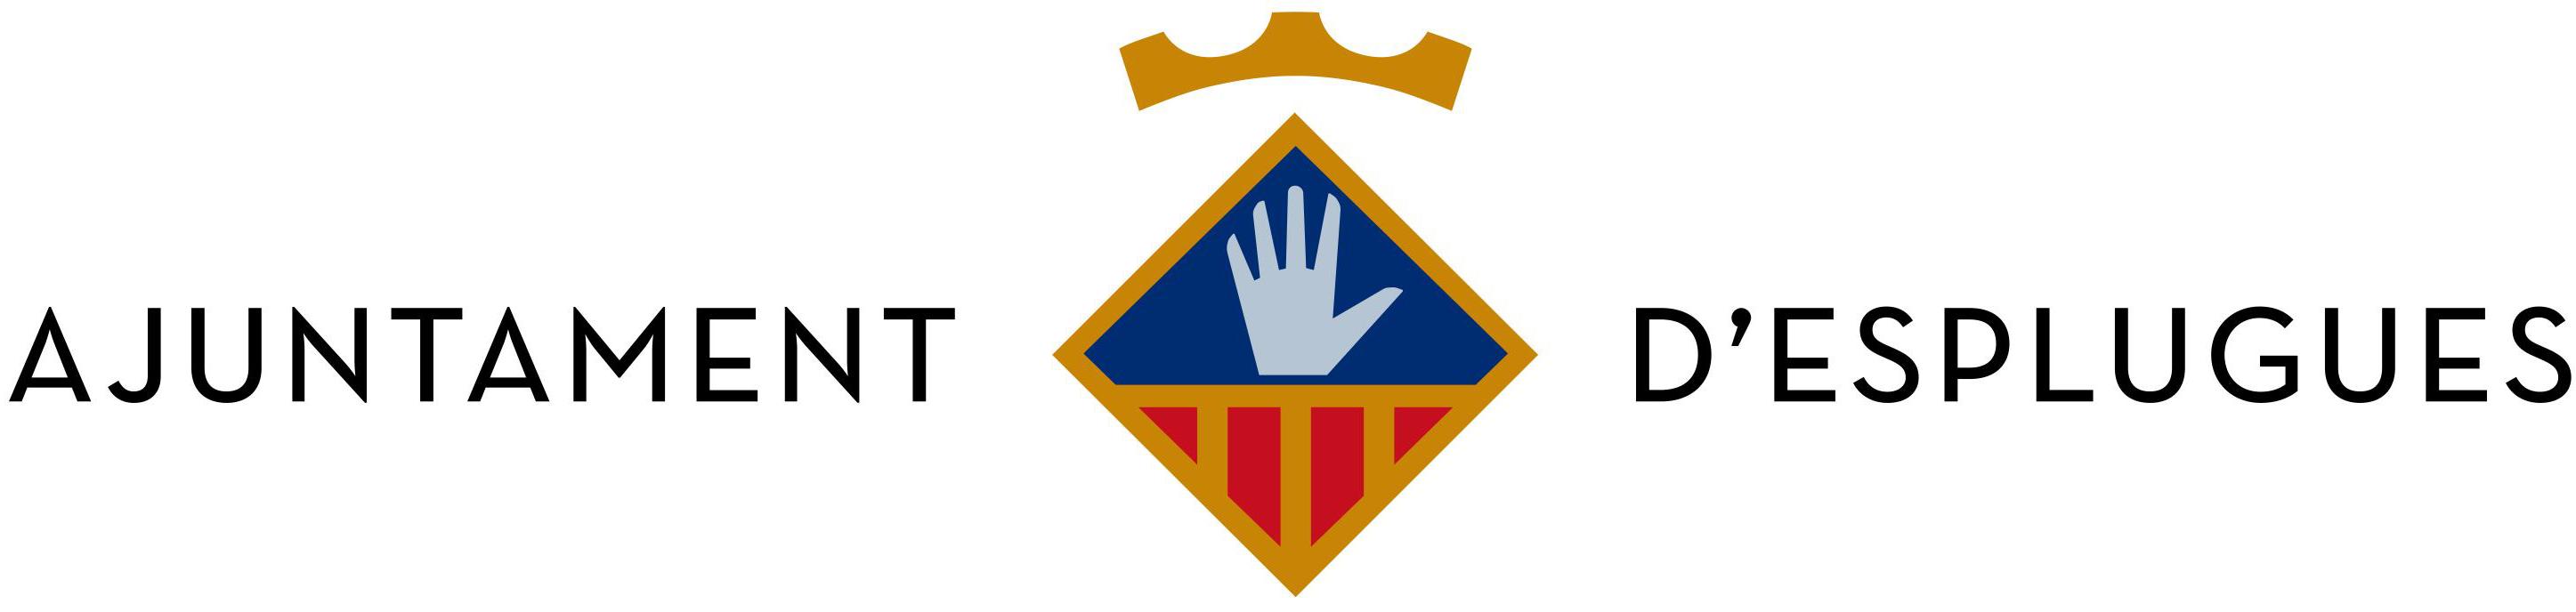 Ajuntament d'Esplugues